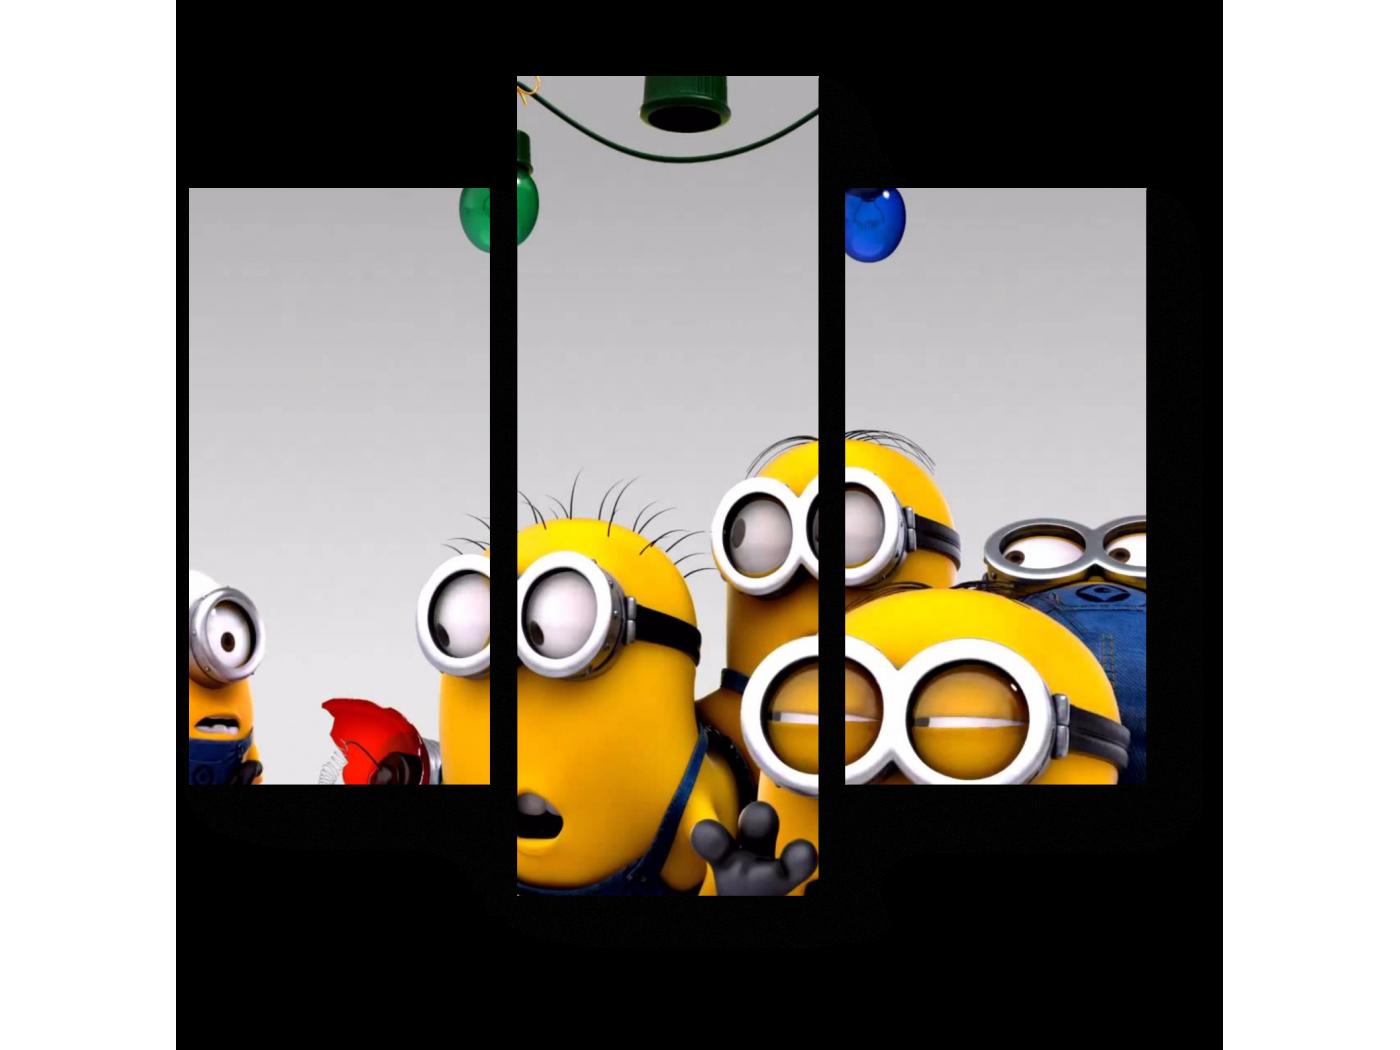 Модульная картина Новогодний переполох (60x54) фото